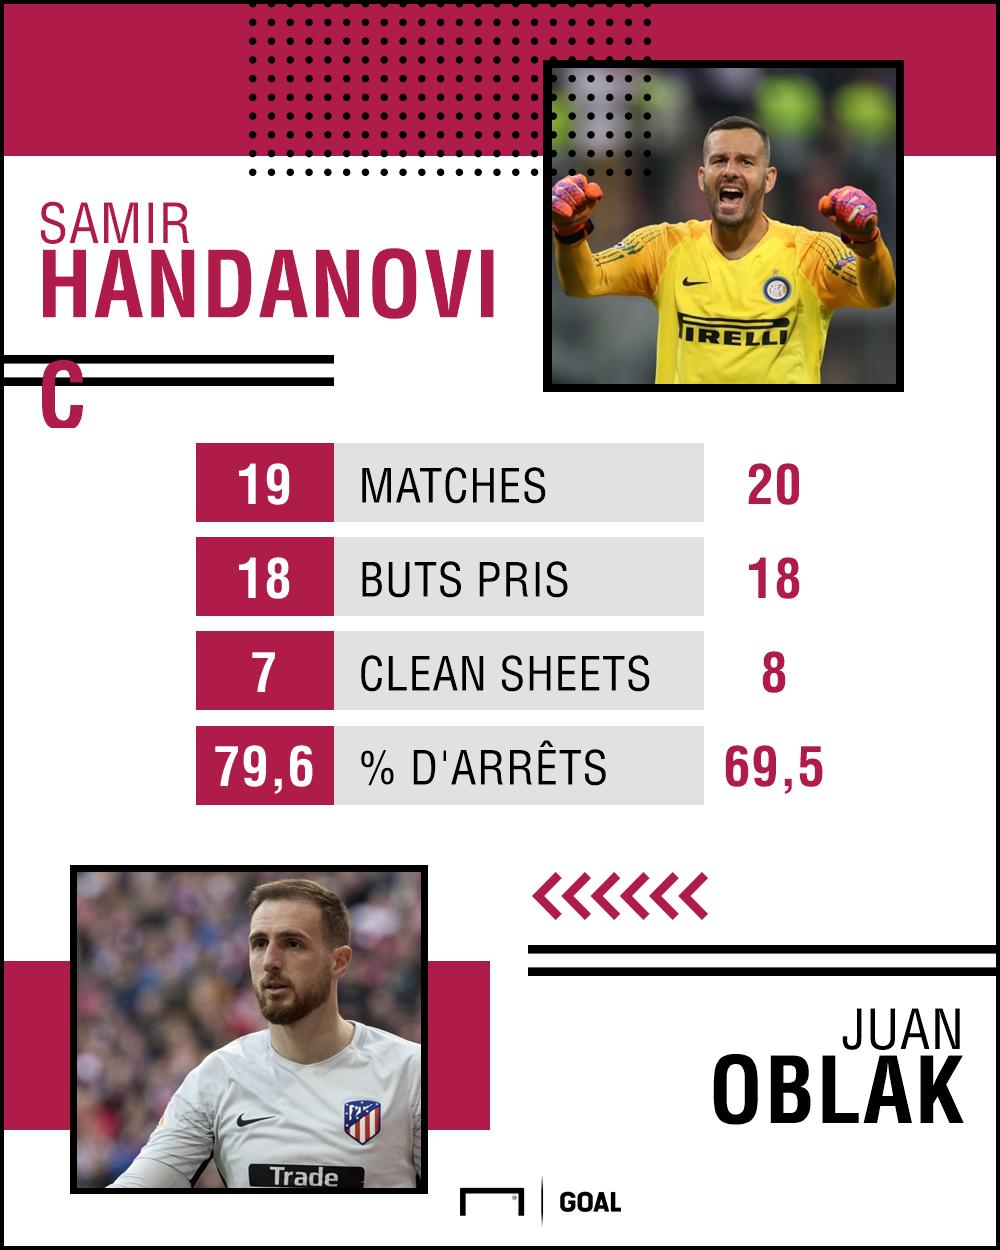 Handanovic statut